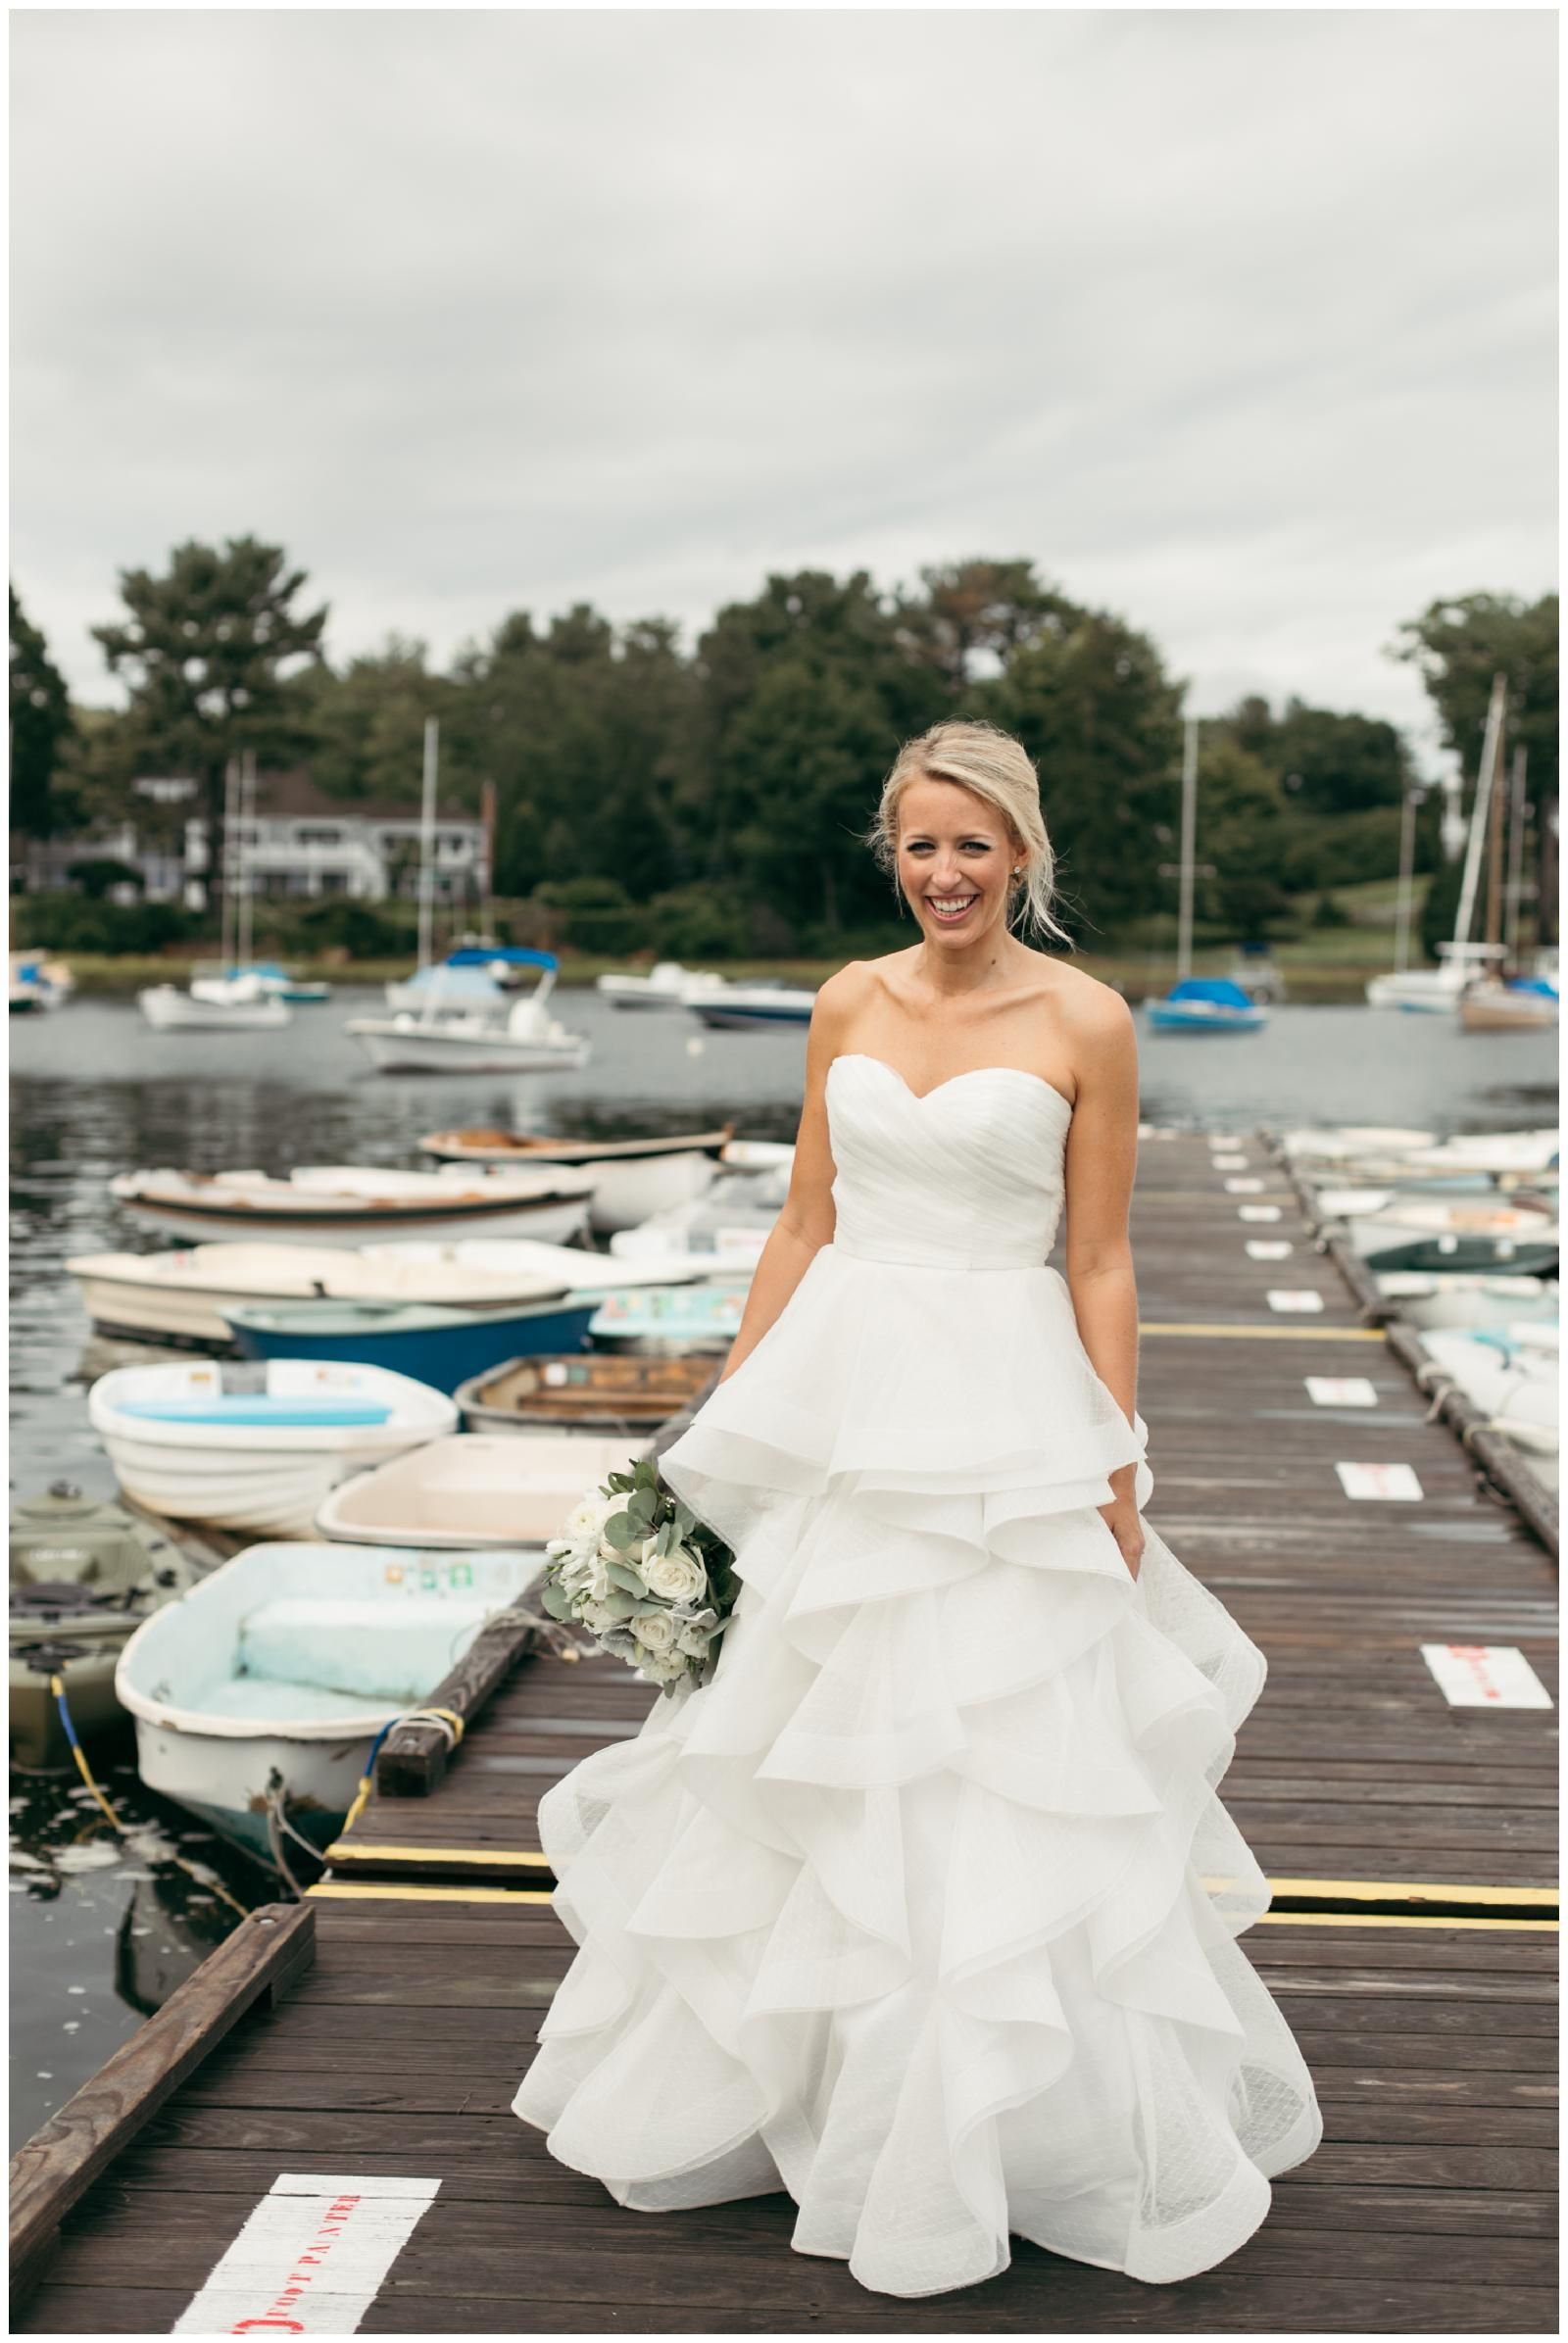 North shore wedding venue